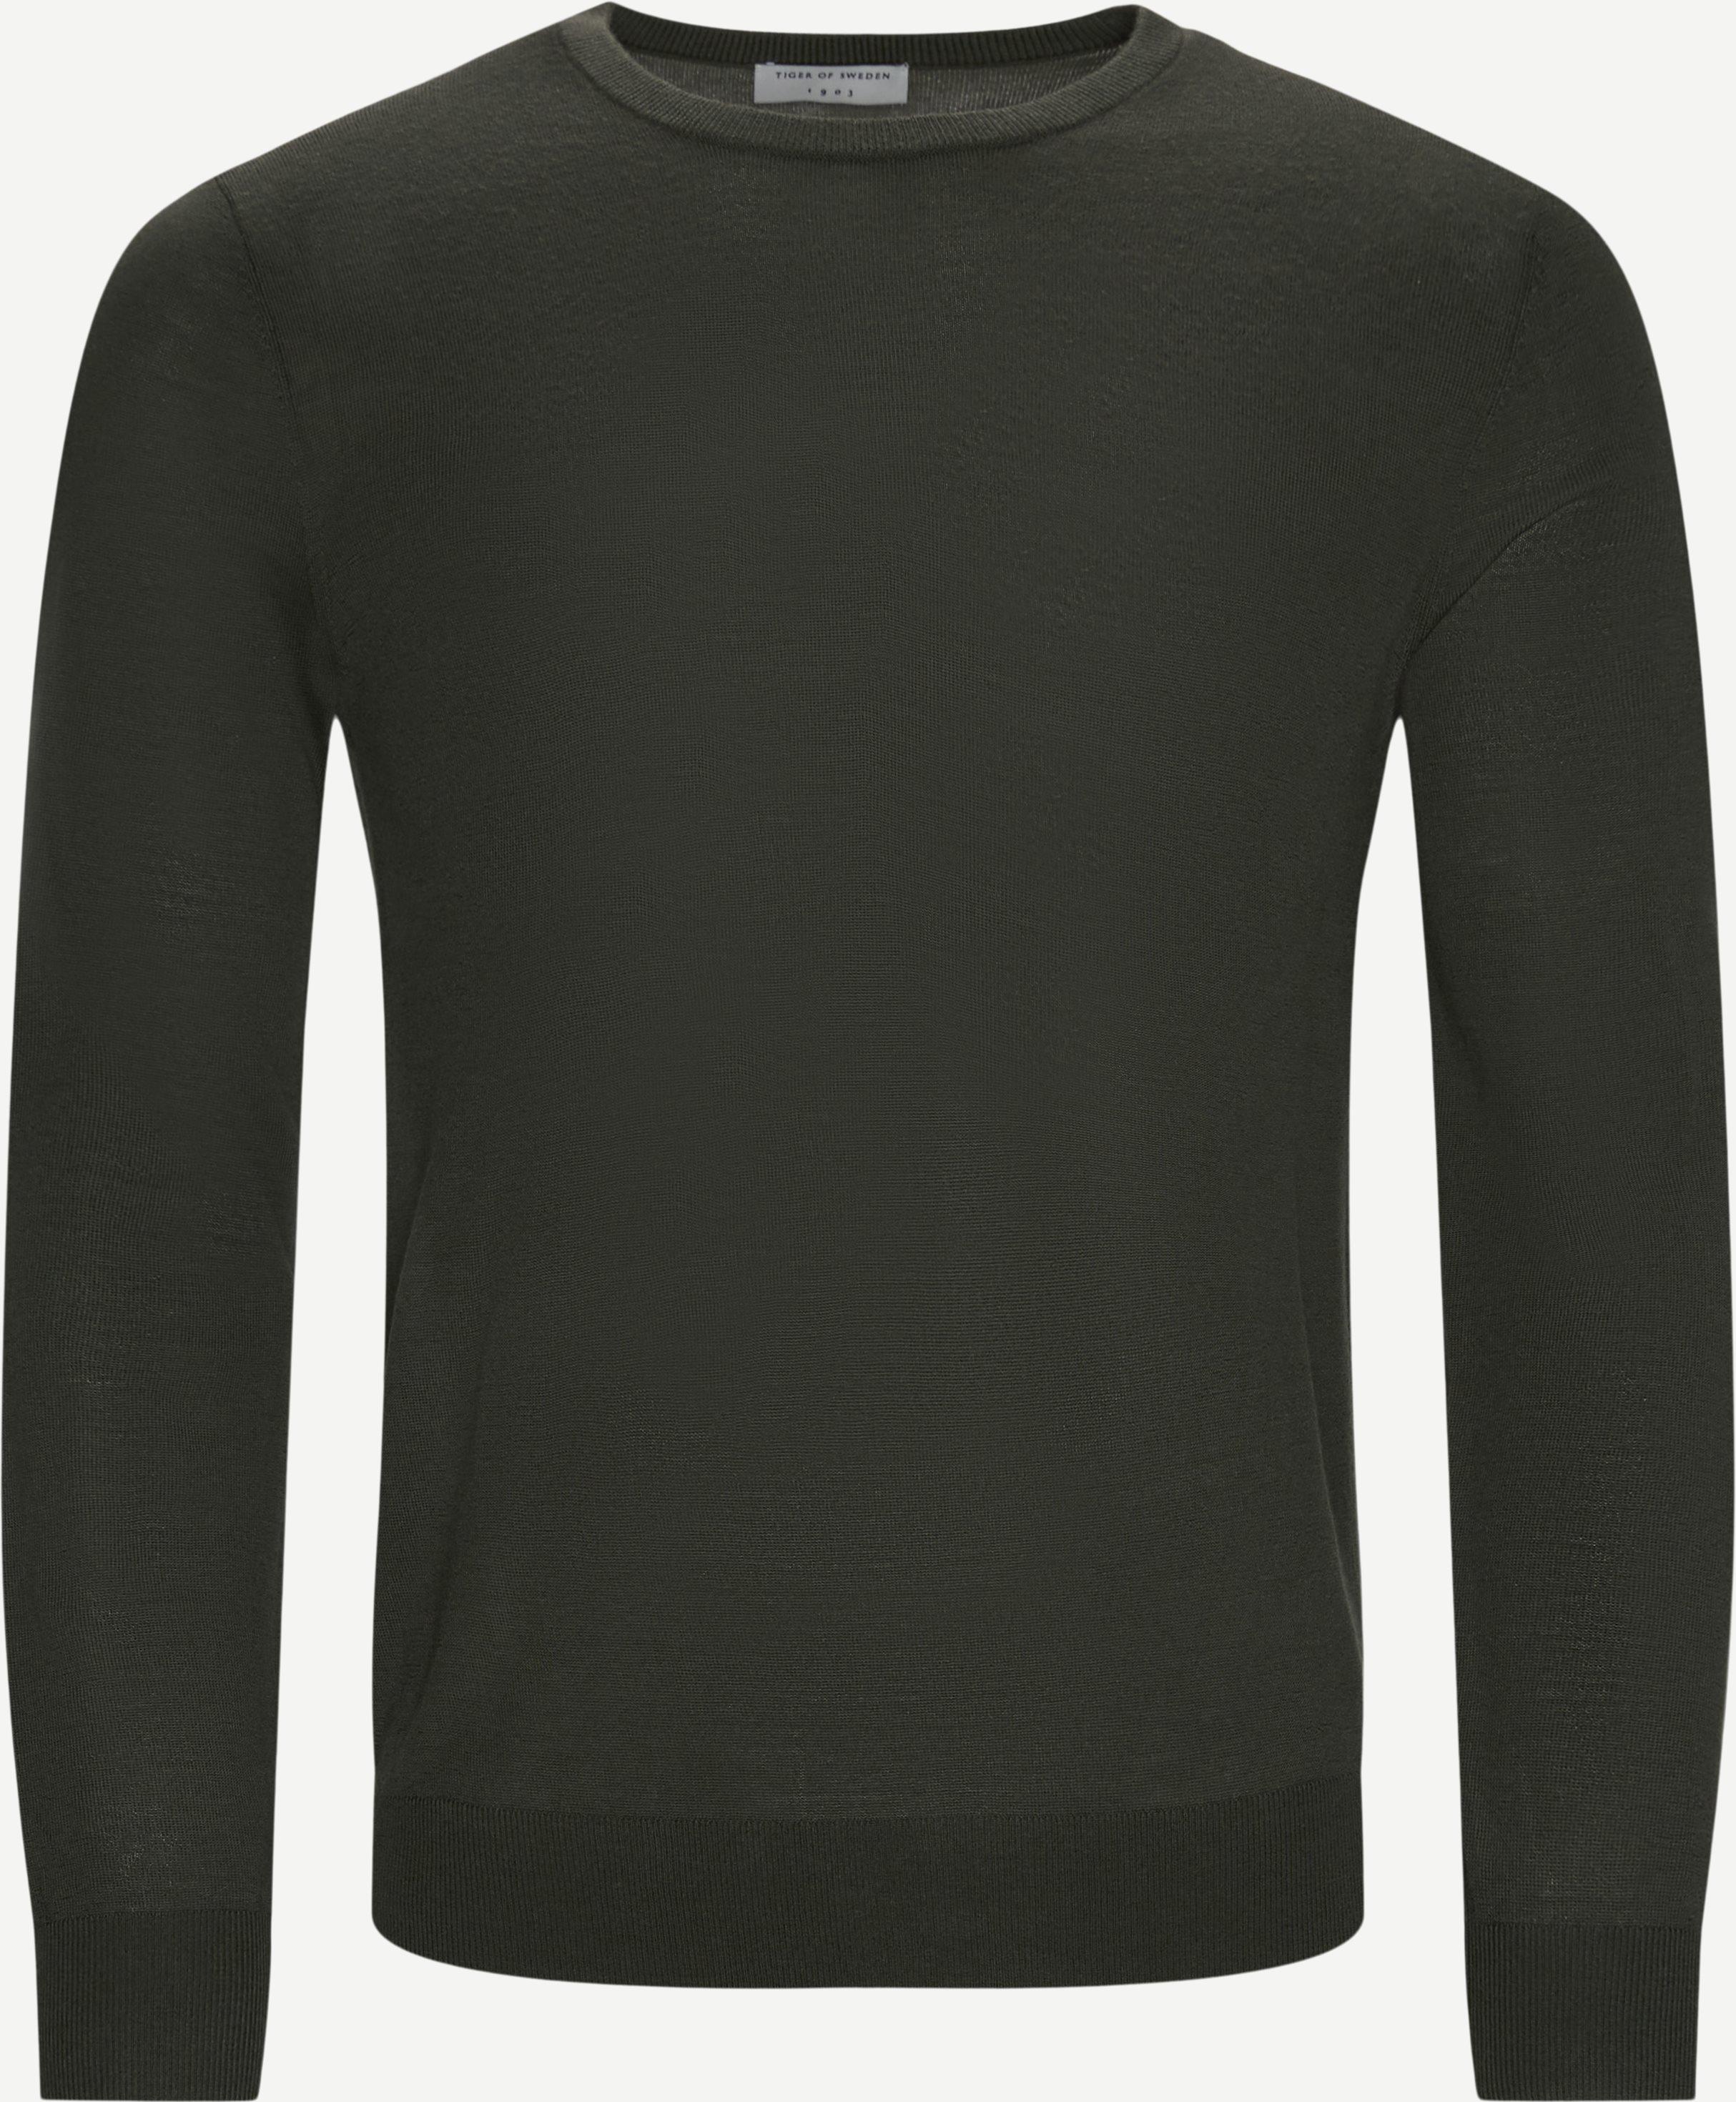 Strickwaren - Regular fit - Grün